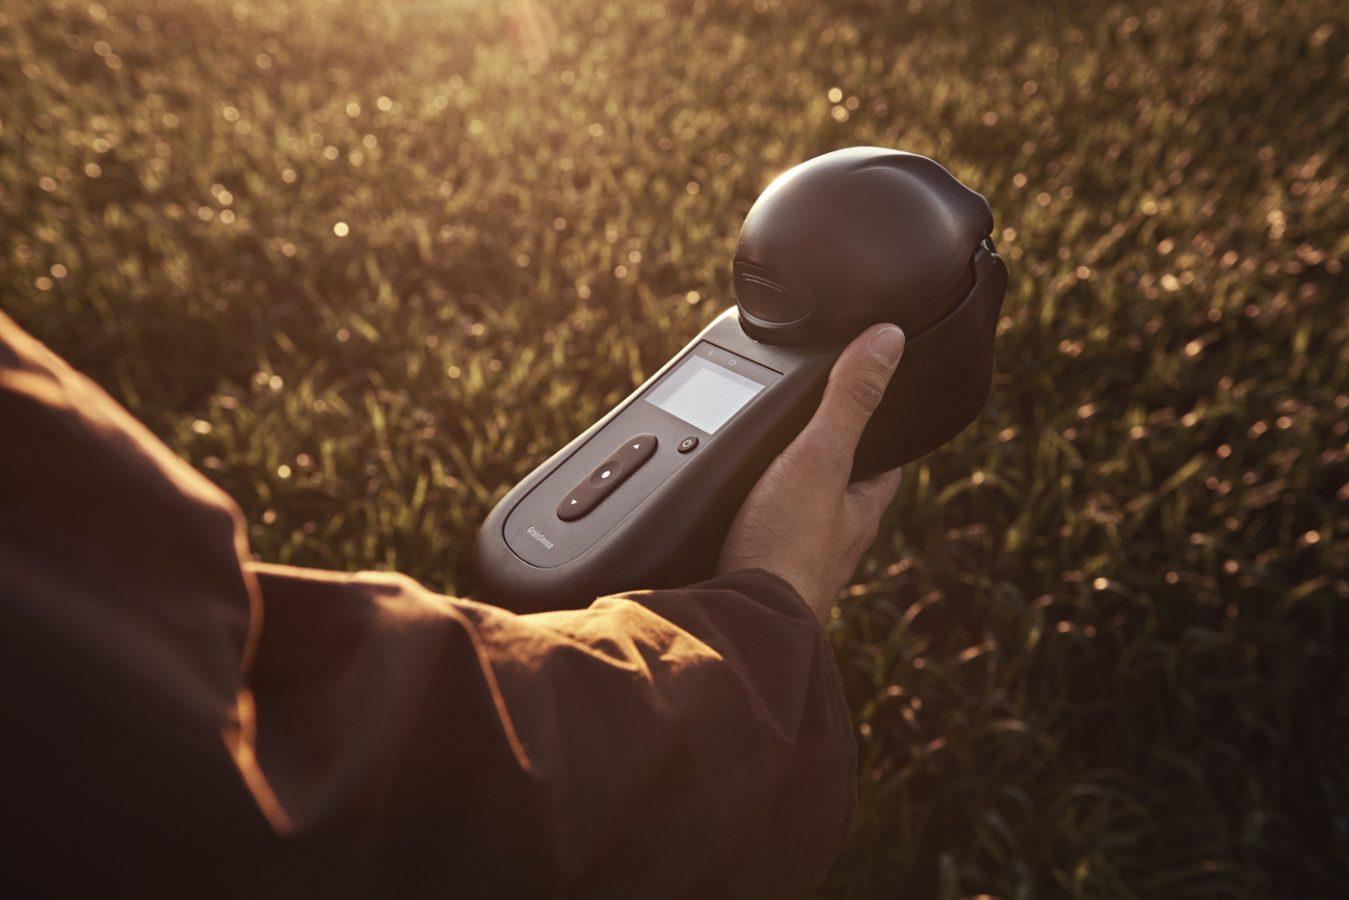 GrainSense-analysaattori kädessä, peltokasvillisuutta.